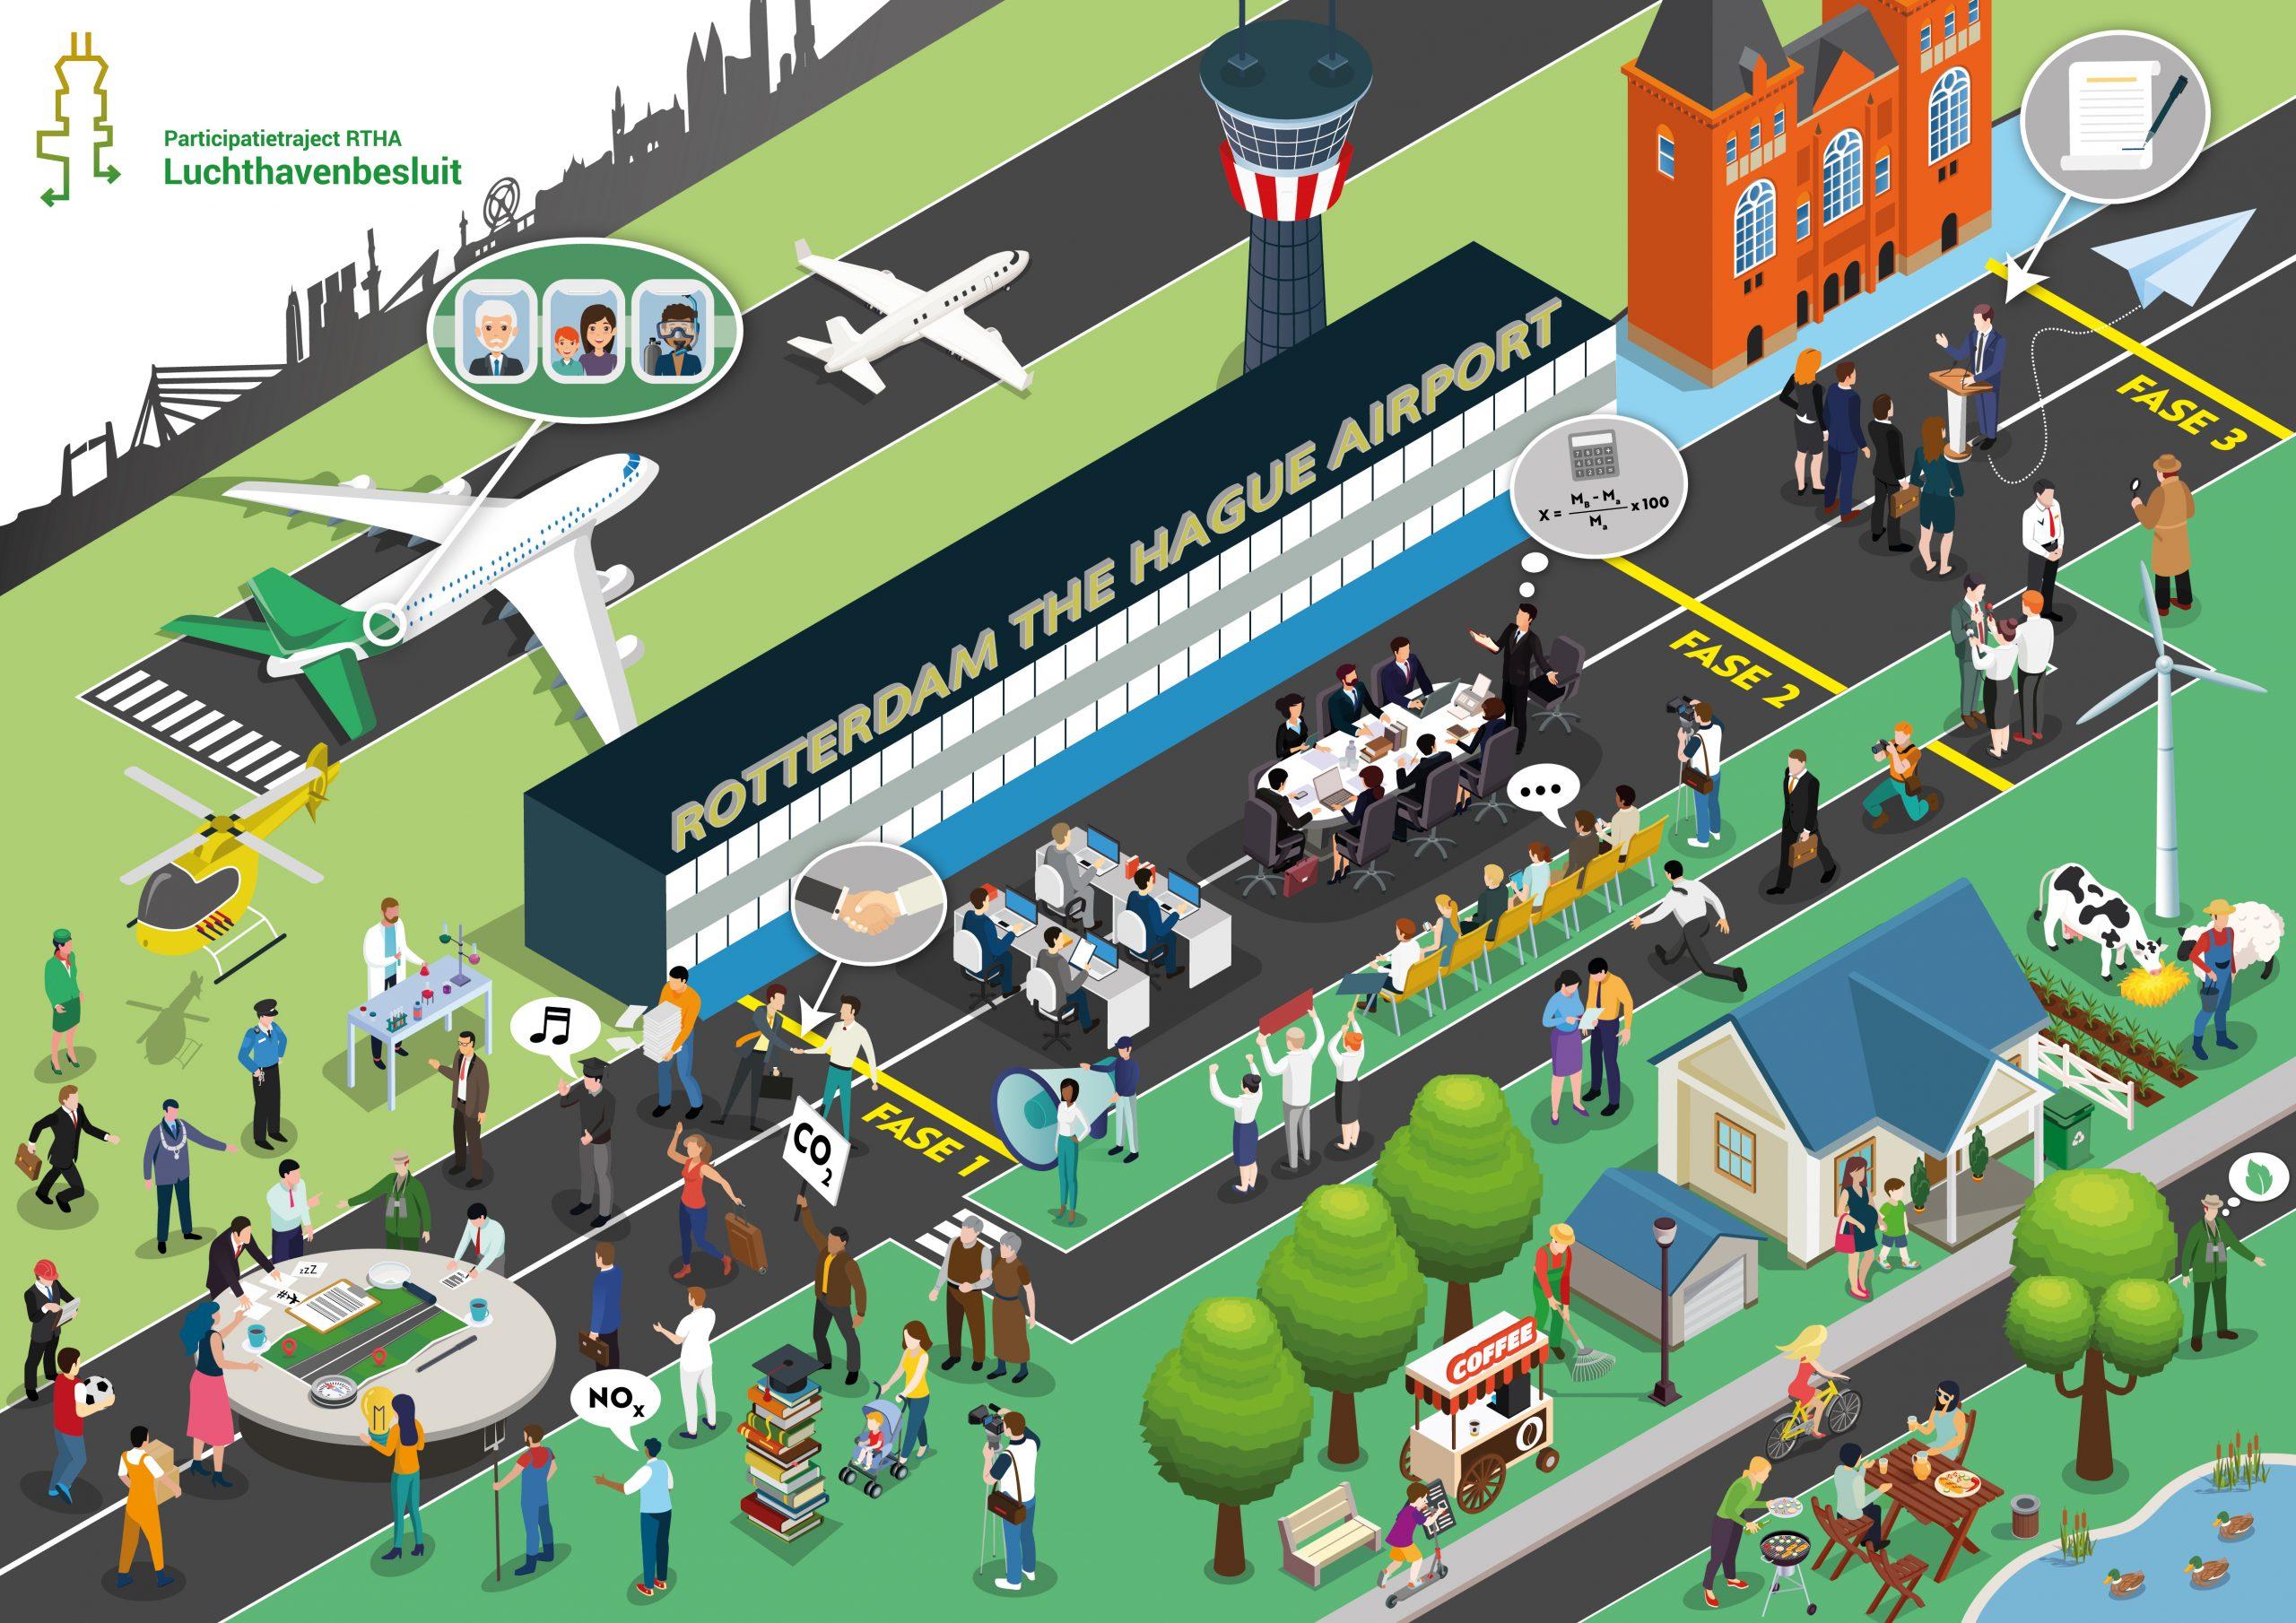 Planning luchthavenbesluit